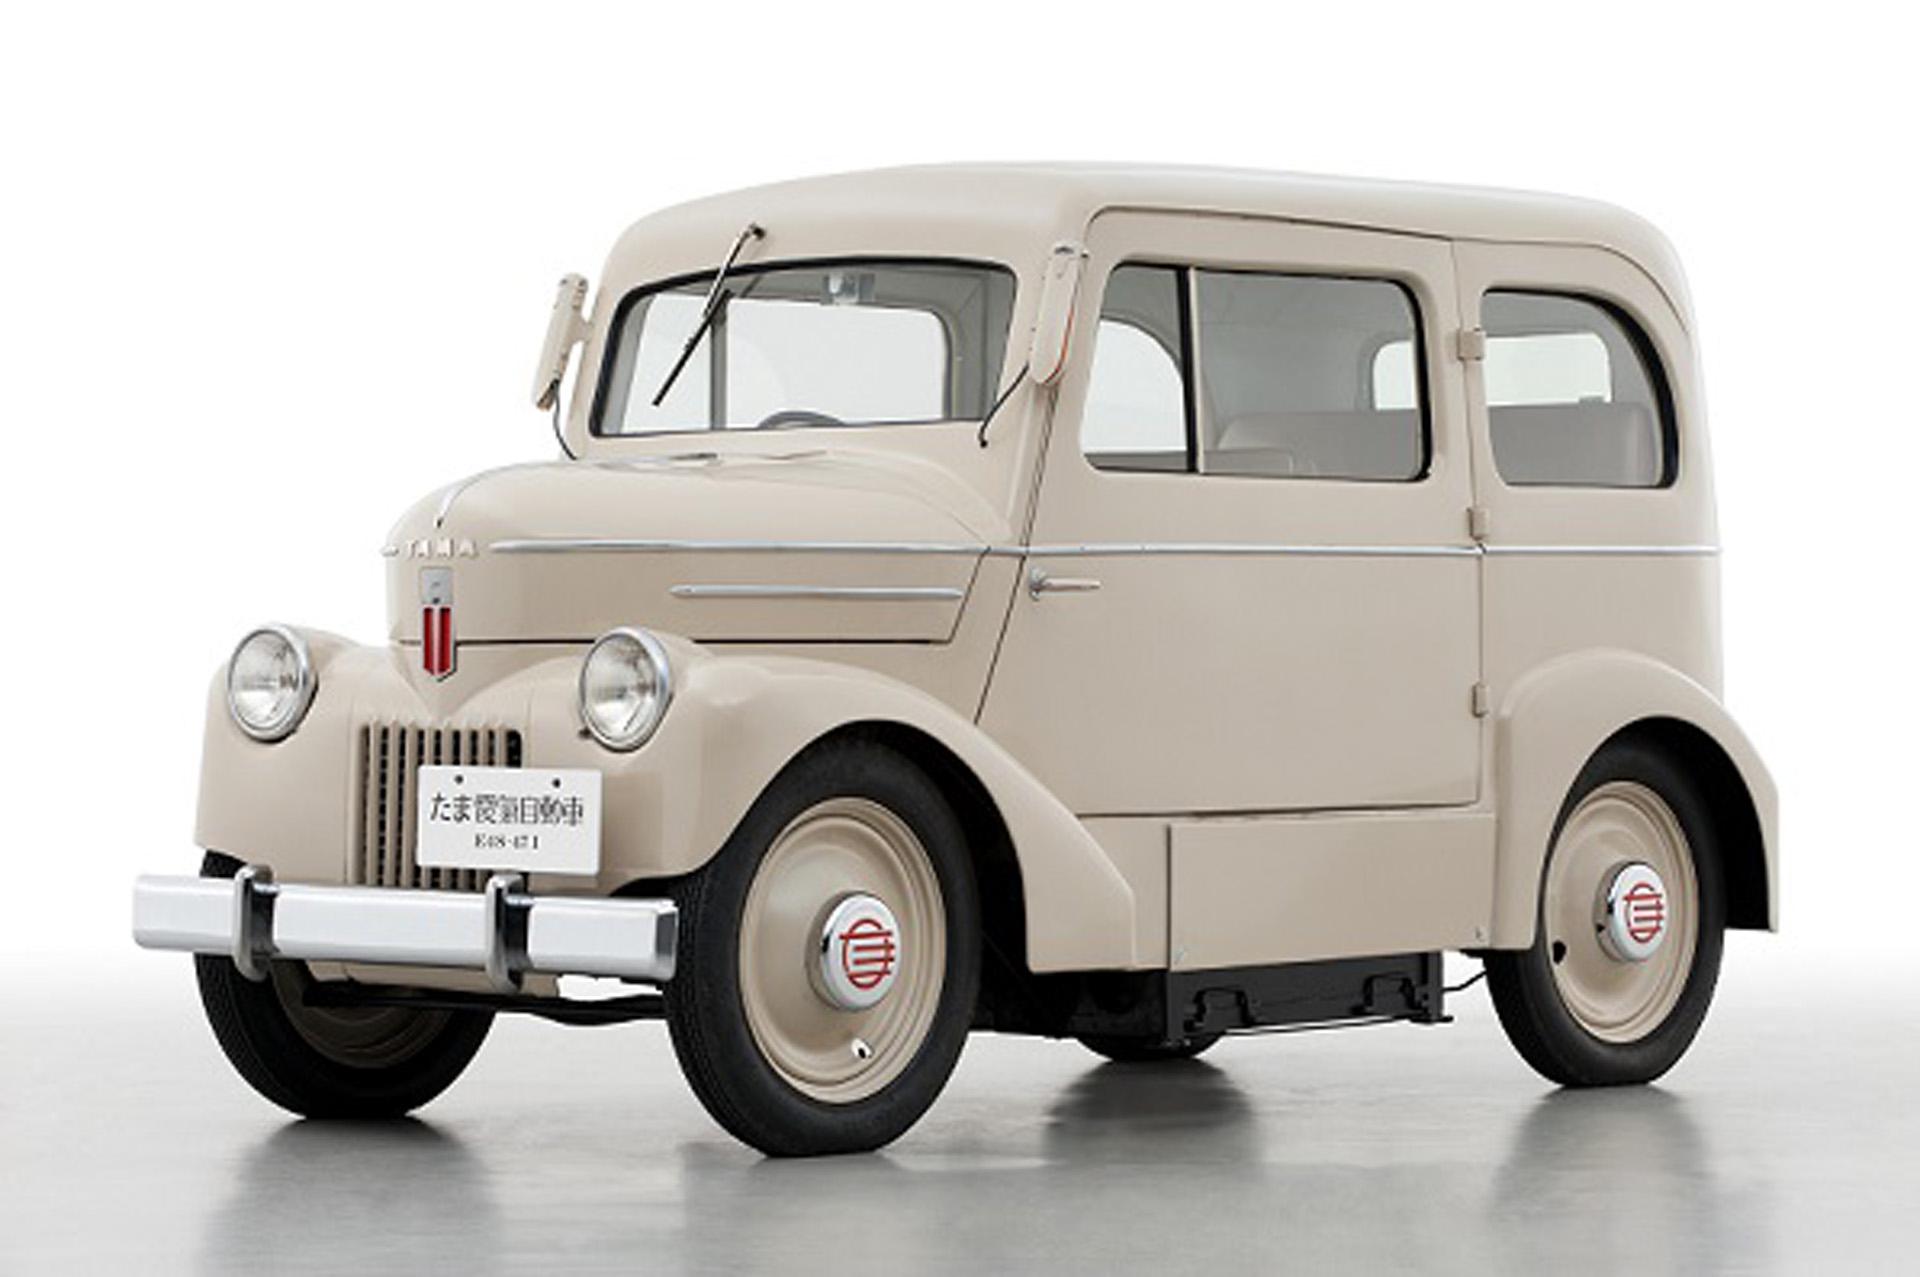 Durante la década del 40, el Nissan Tama fue uno de los modelos más desarrollados